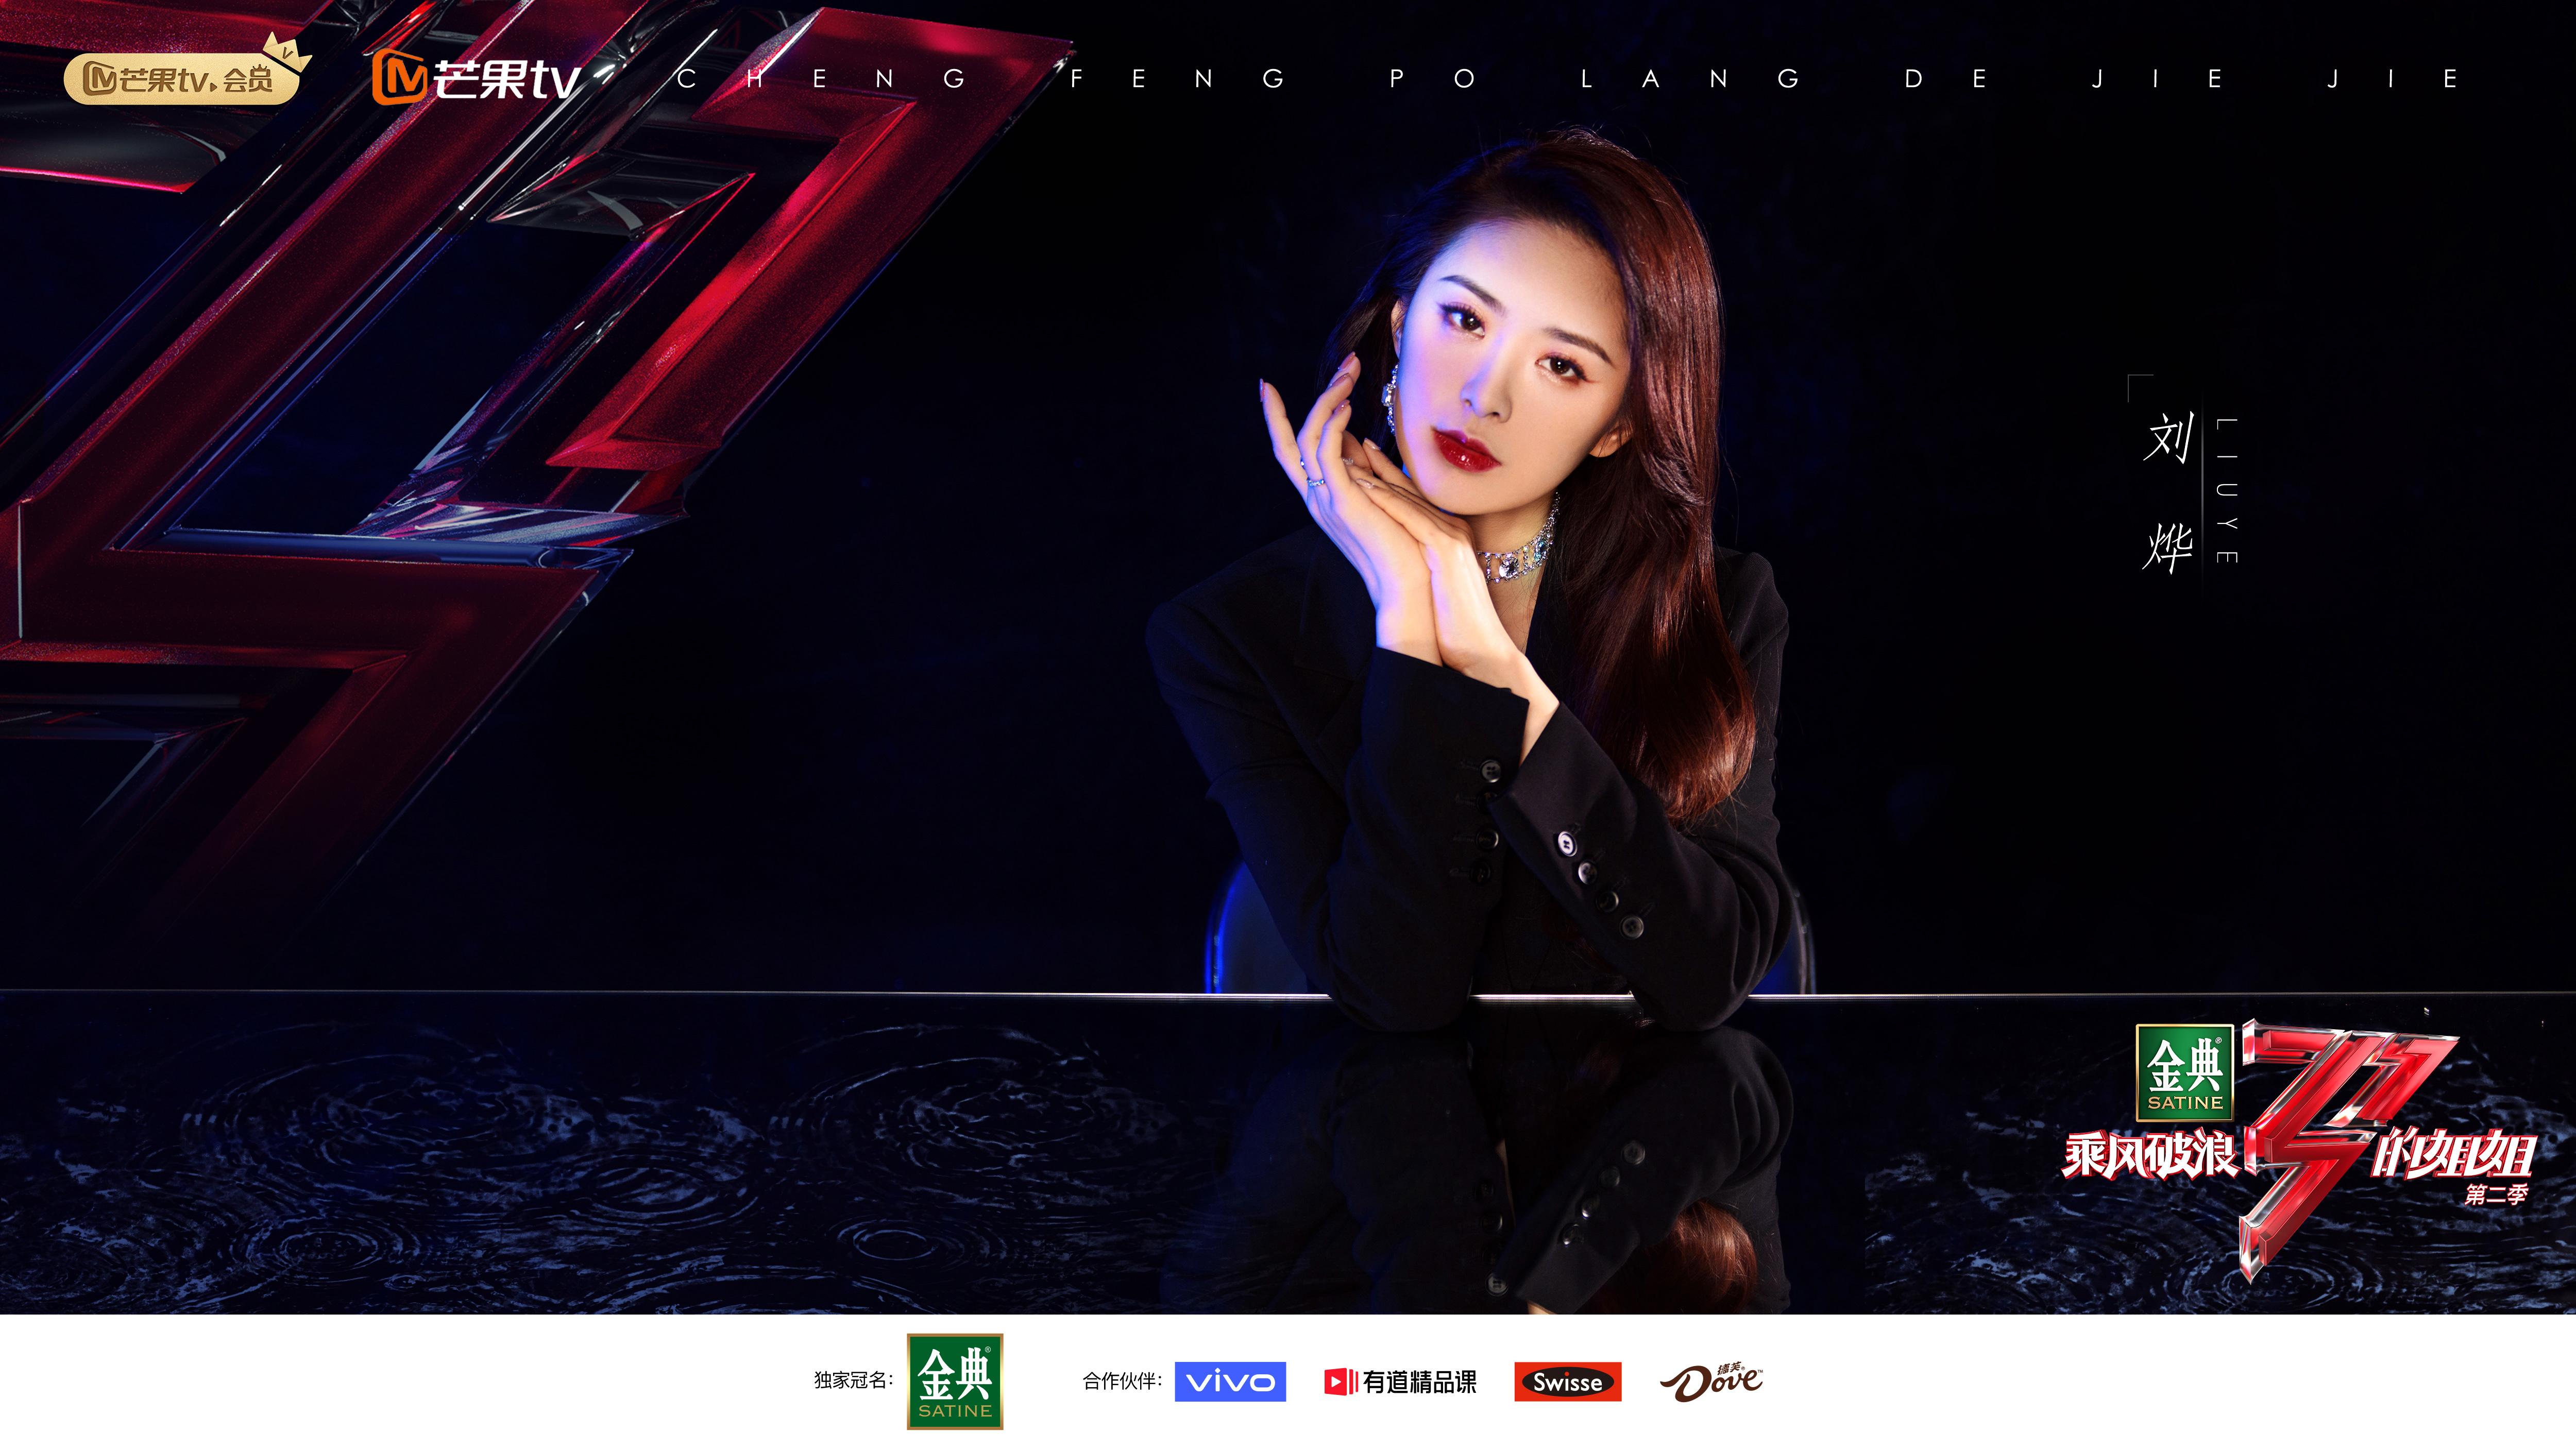 她不再是女版刘烨 而是乘风破浪的唱跳刘烨